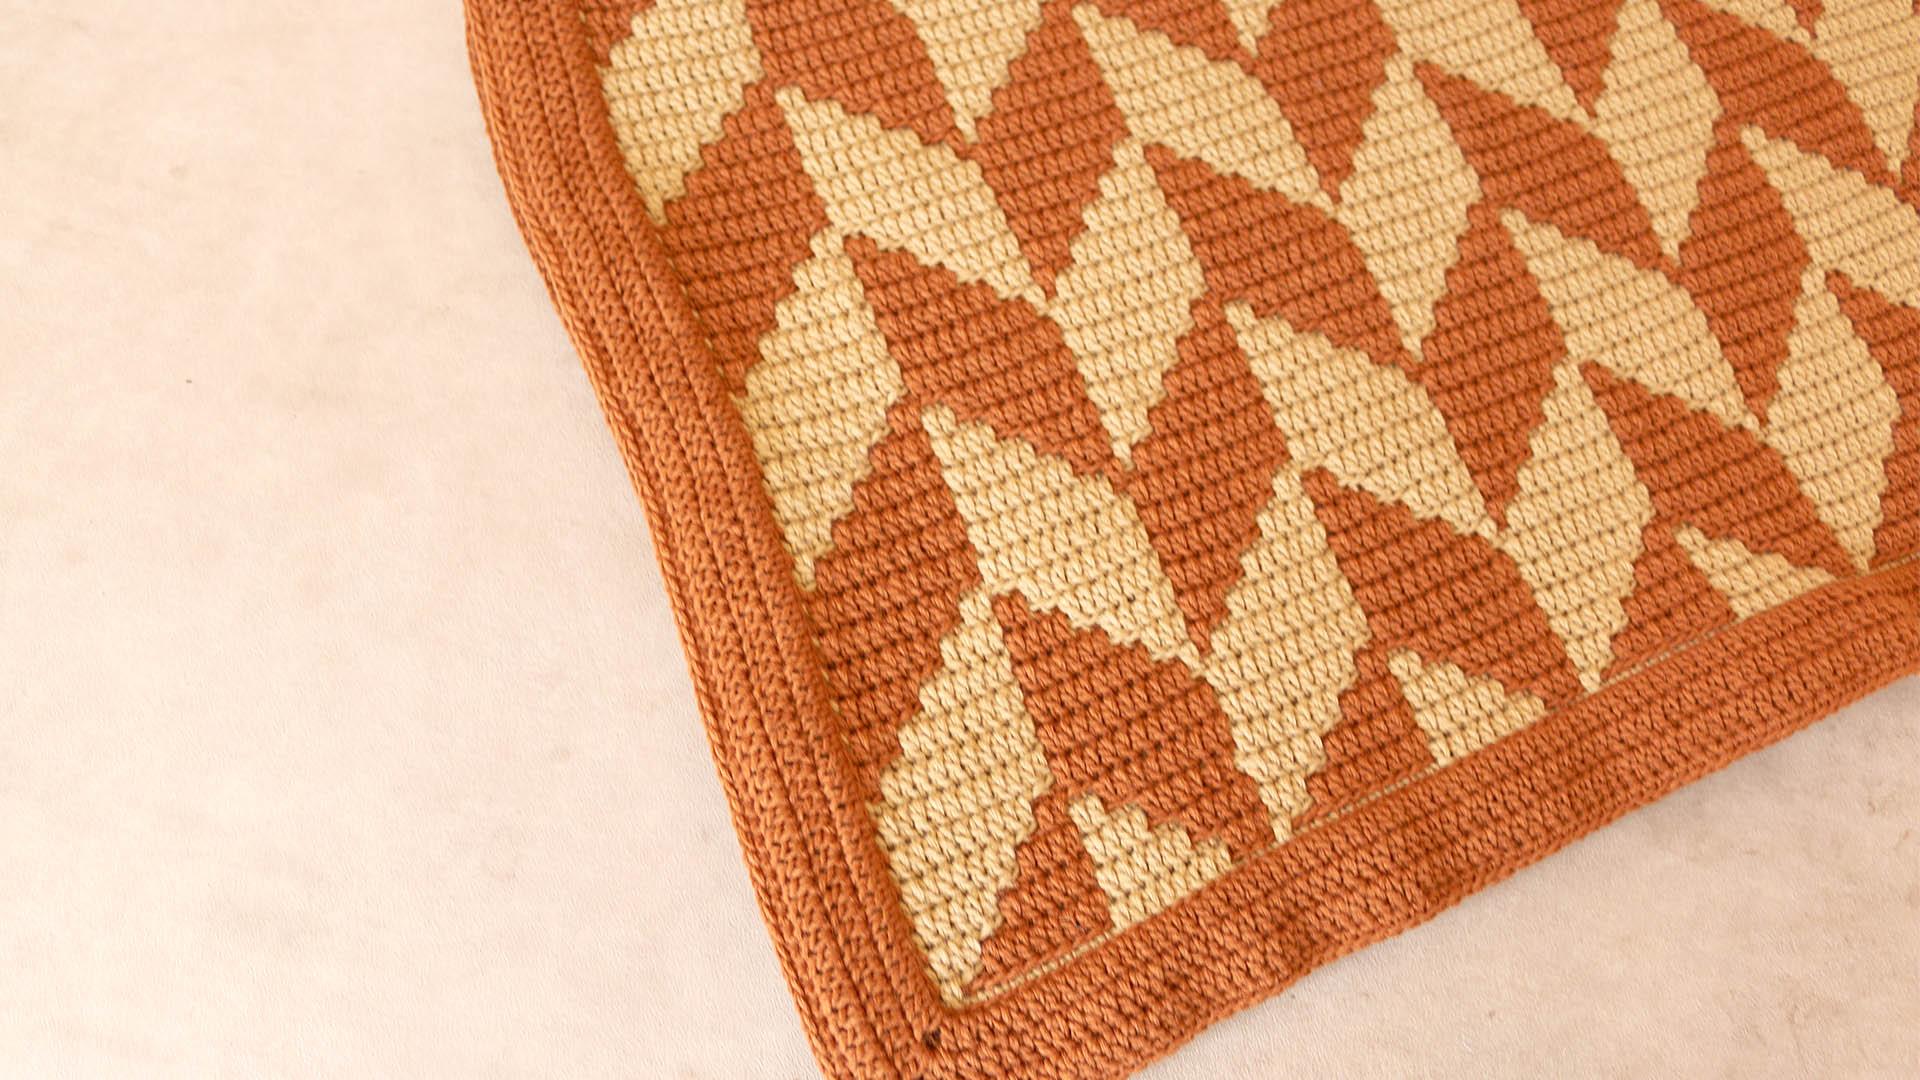 fox mosaic crochet blanket free pattern